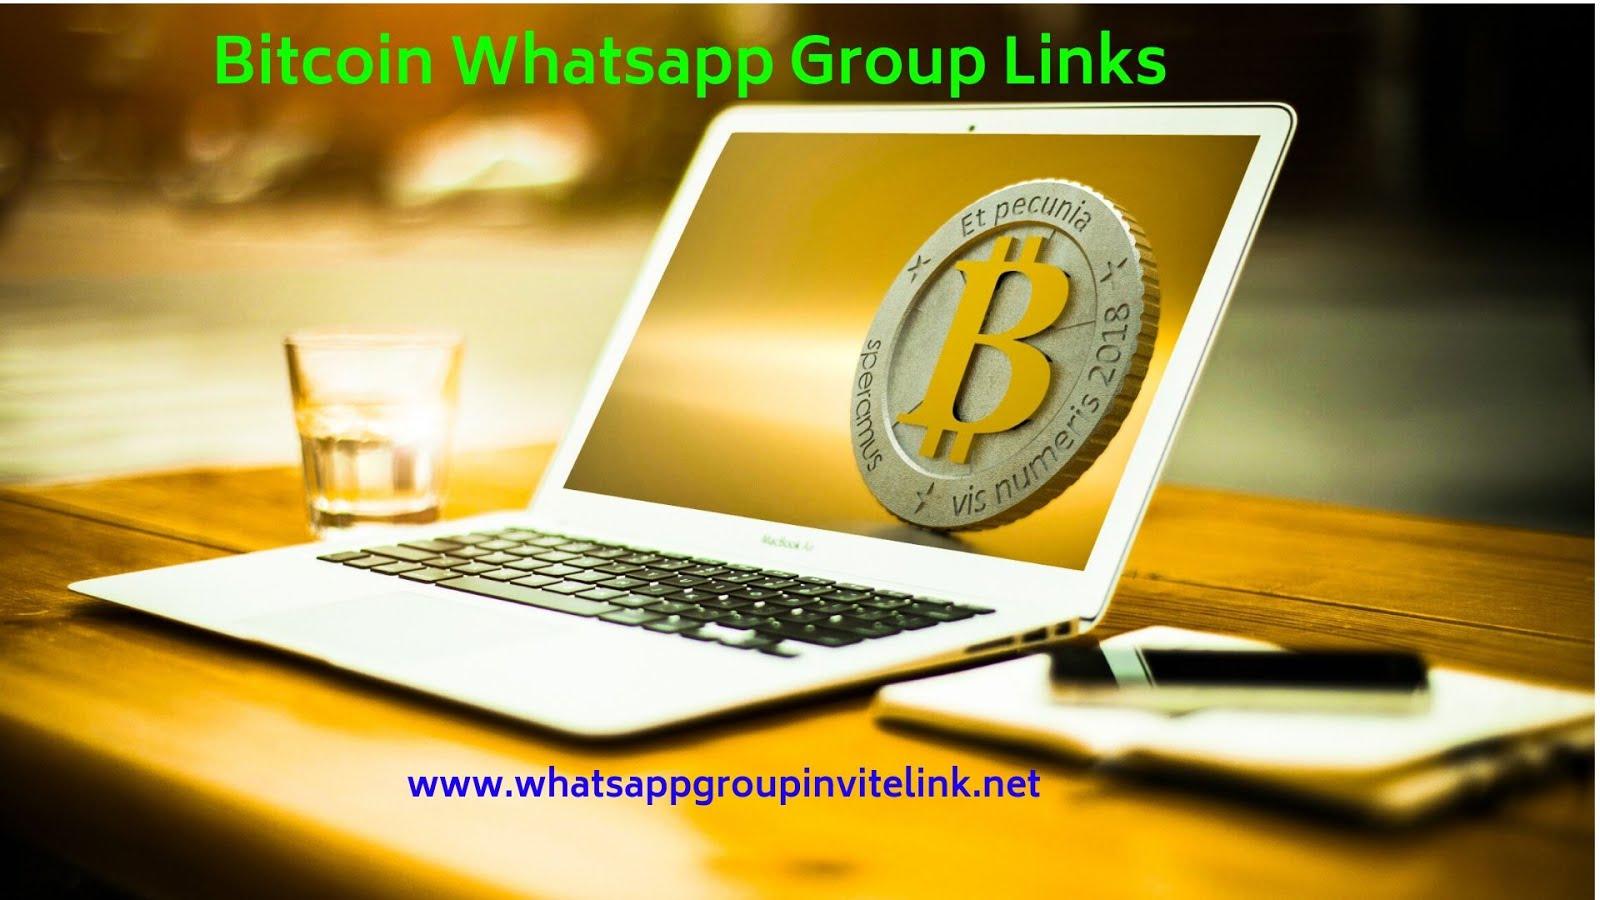 Whatsapp Group Invite Links: Whatsapp Group Invite Links